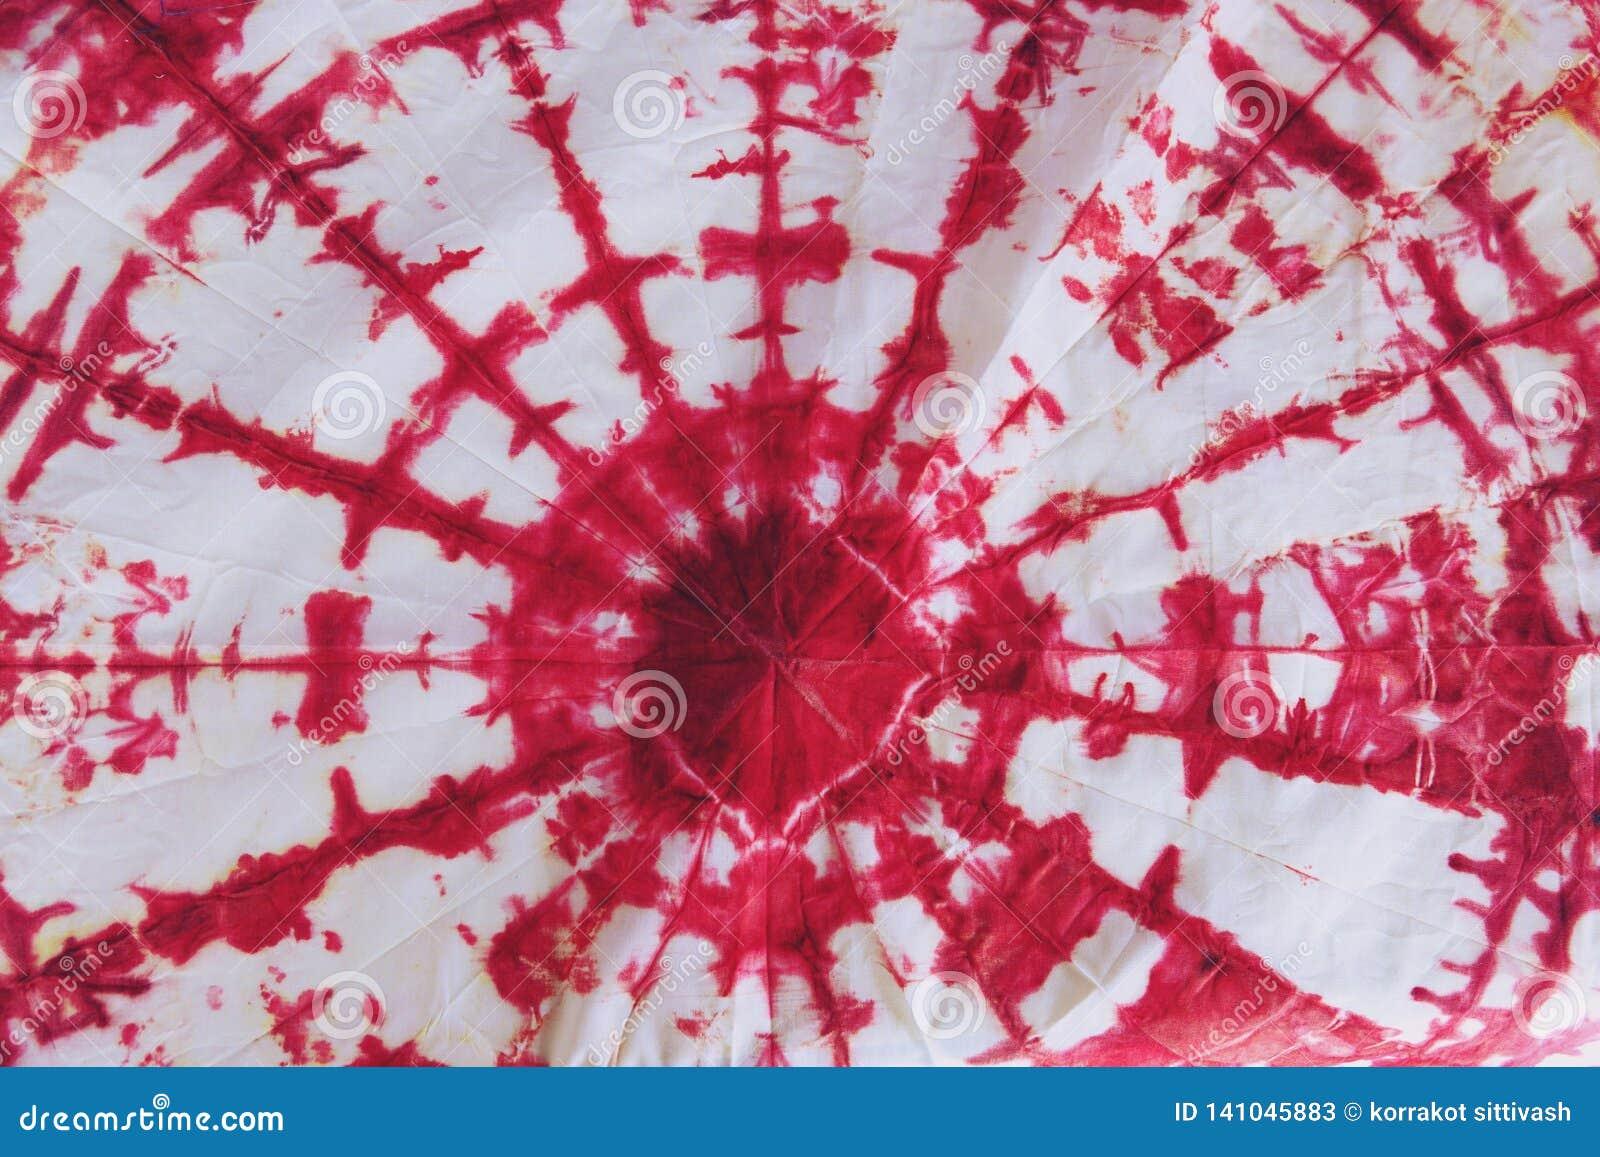 Abstracte band geverfte stof van rode kleur op wit katoen